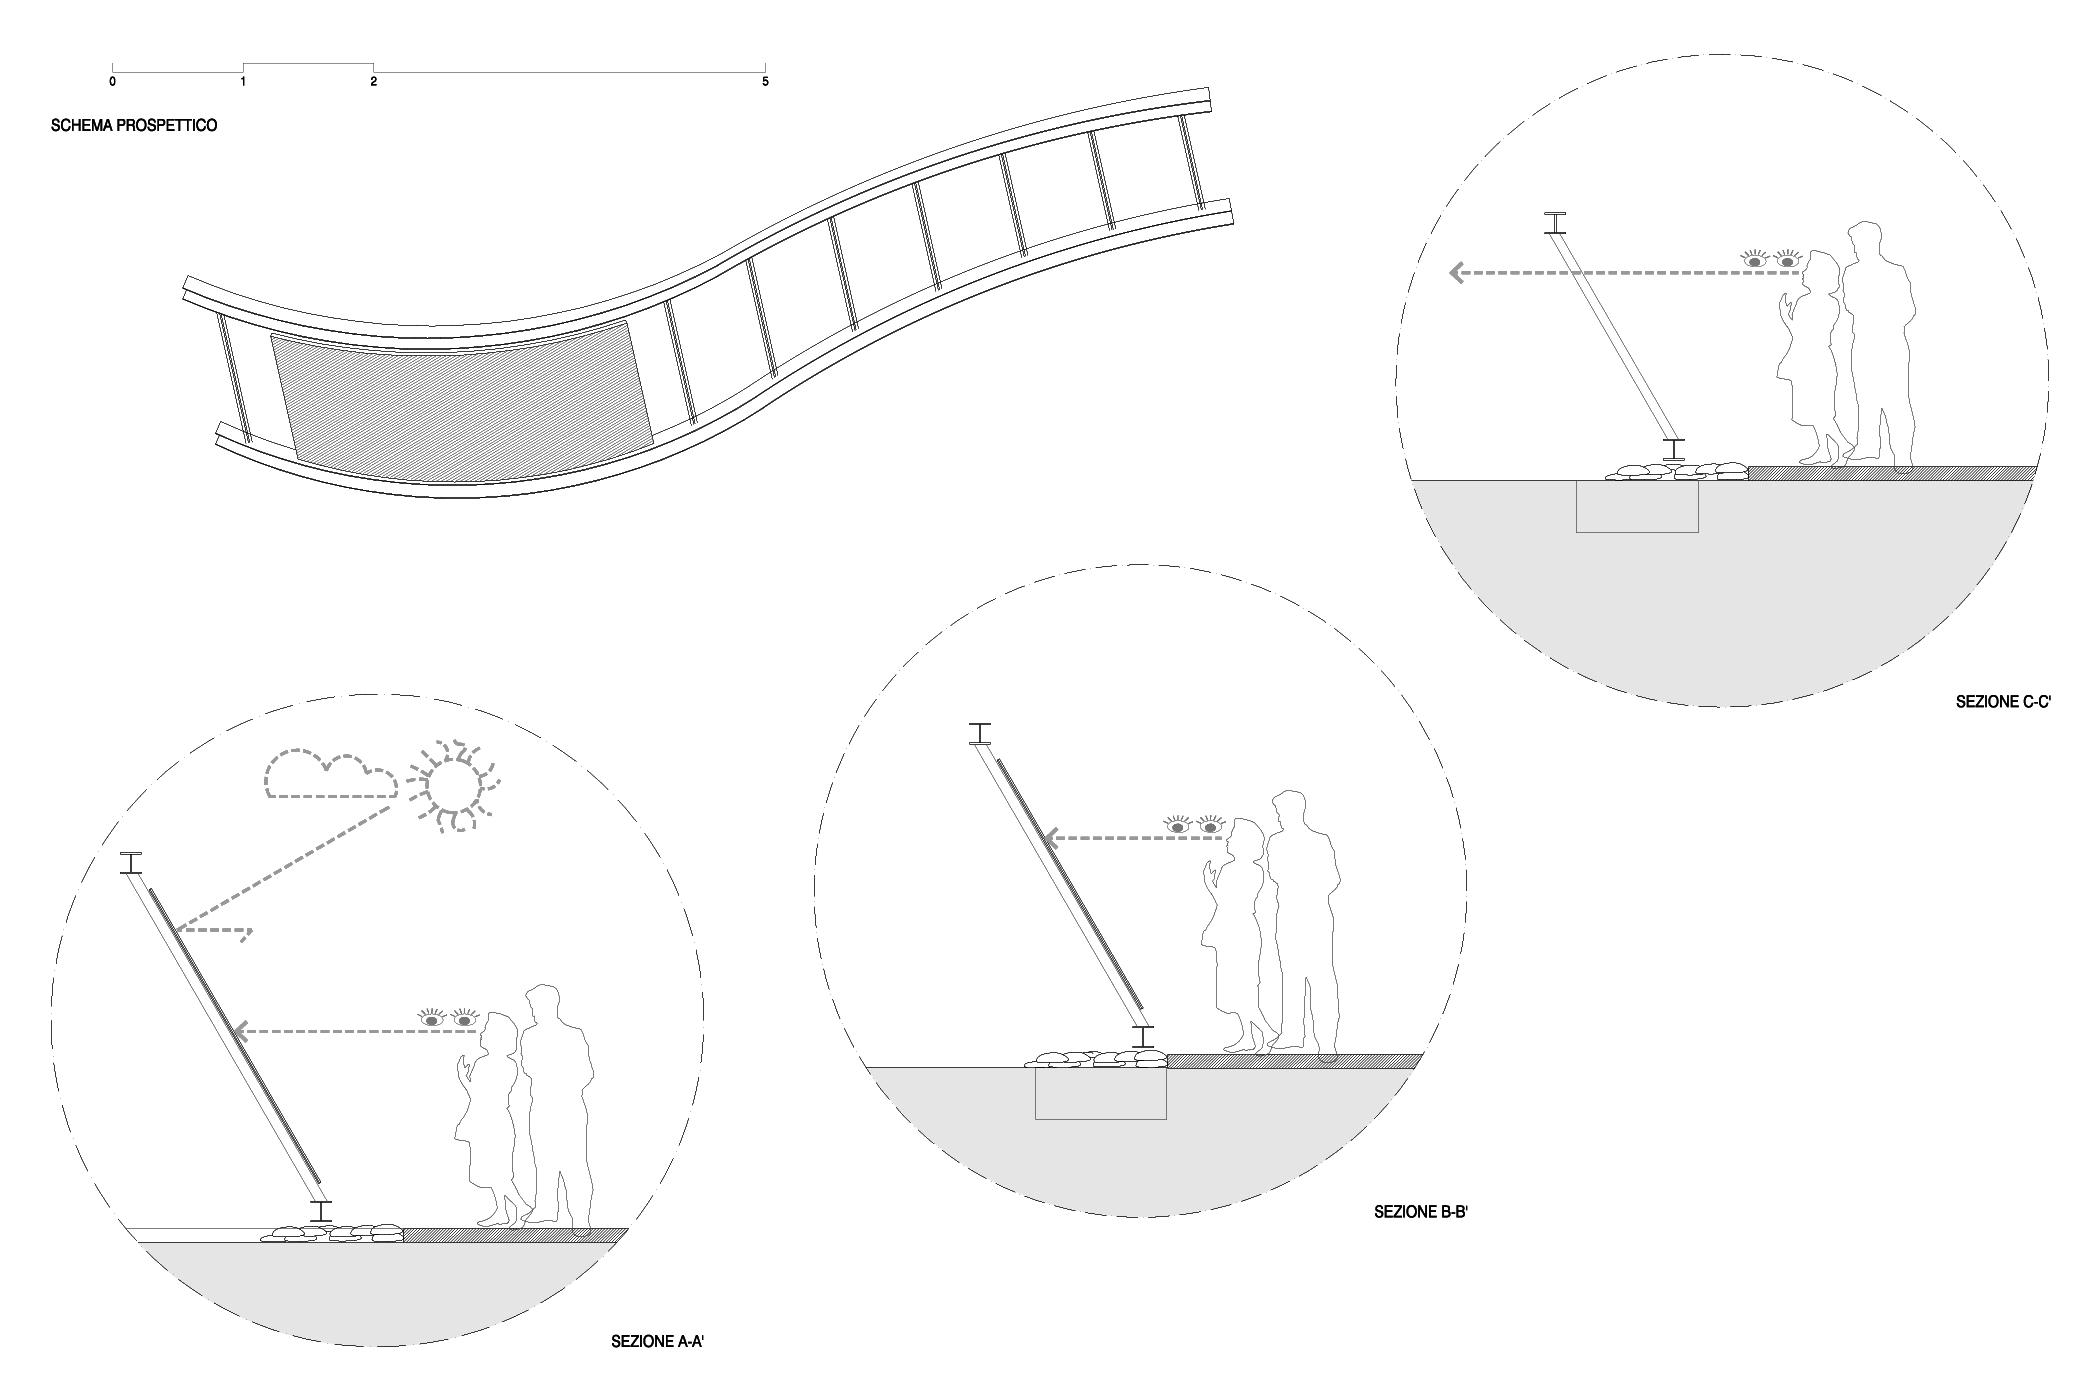 la soglia: progetto urbano e di design per la realizzazione dell'insegna del Parco della Montagna a Castione della Presolana